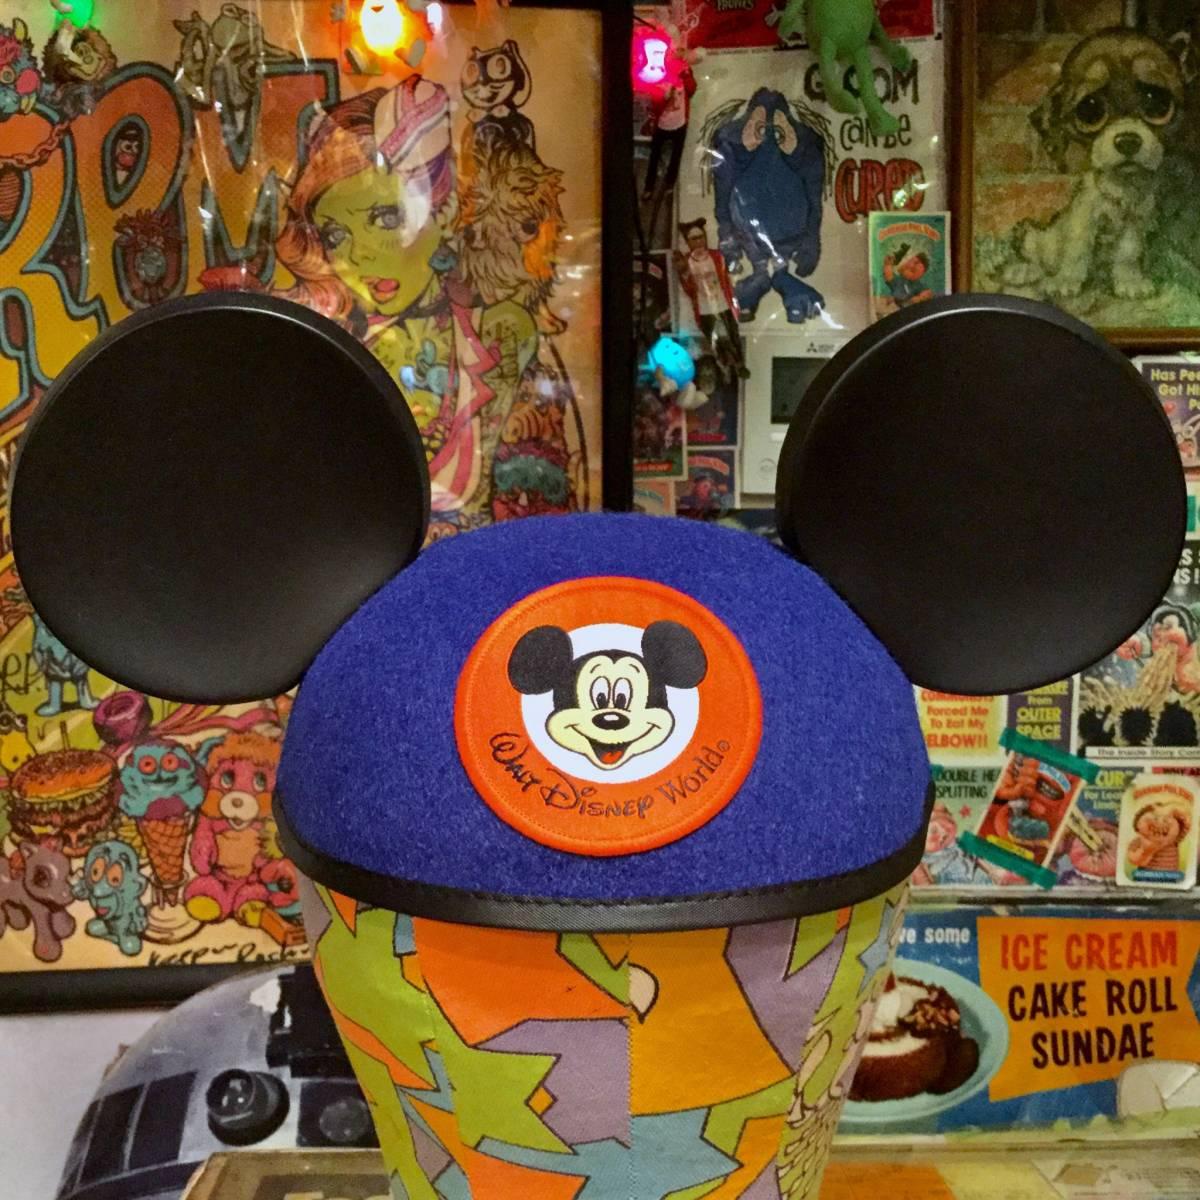 USA ディズニー ワールド 限定 ミッキーマウス イヤー ハット キャップ ブルー MICKEY MOUSE 耳付き 帽子 Disney World ディズニーランド _画像1